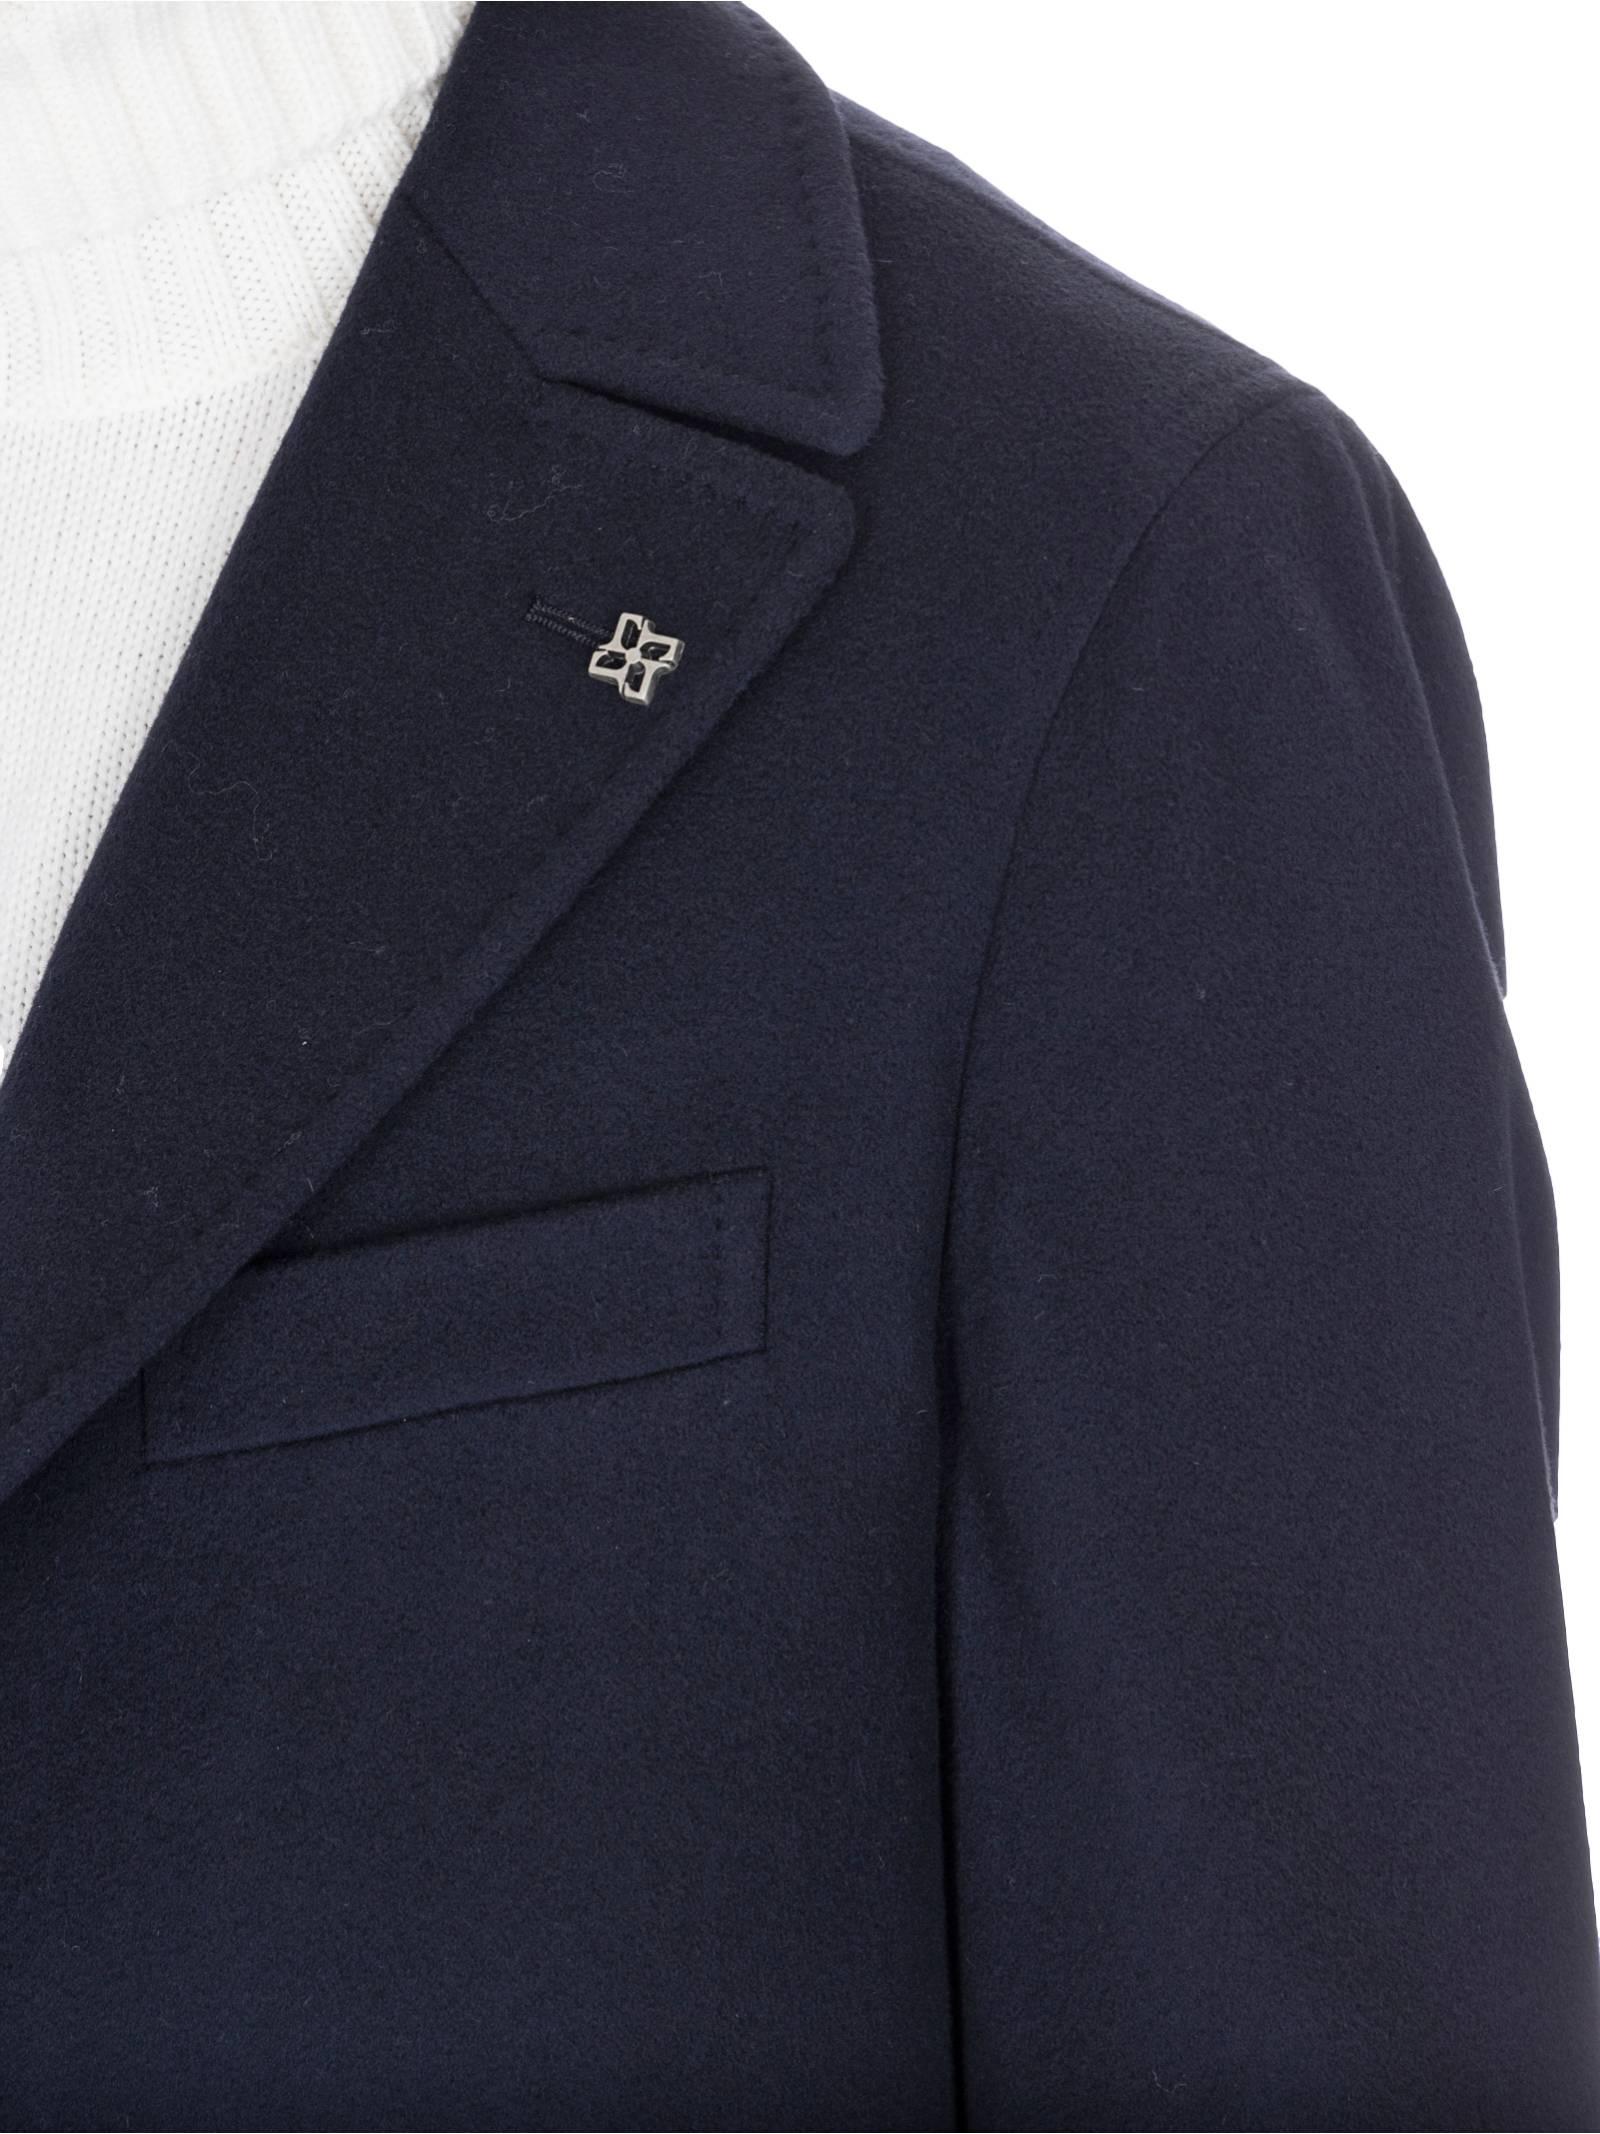 Cappotto Tagliatore TAGLIATORE | 17 | THOMASB3506